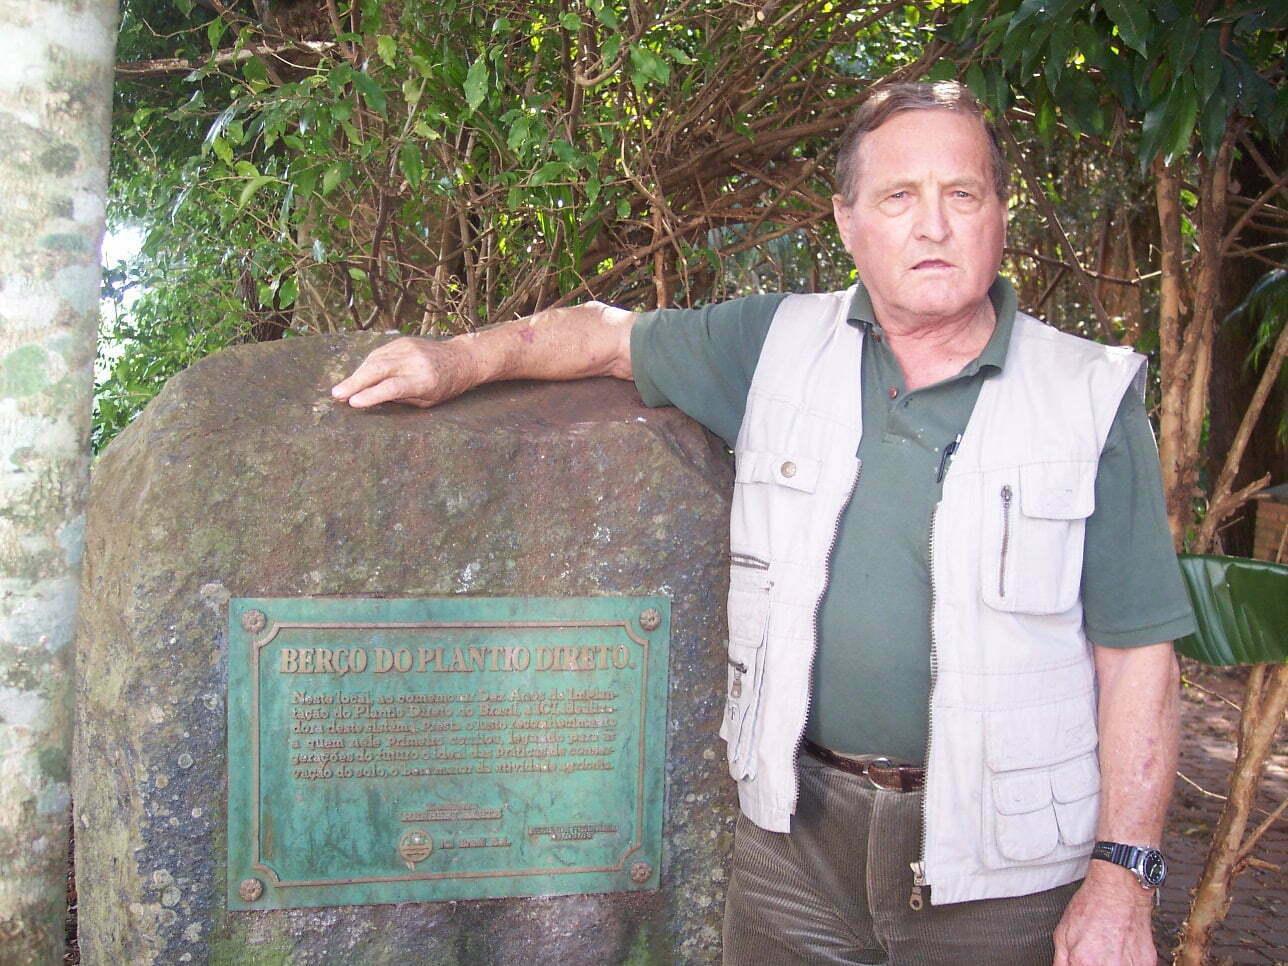 """Herbert Bartz ao lado da placa de 1983 que marcou dez anos de PD no Brasil. No texto, um agradecimento ao primeiro produtor a confiar no sistema, """"legando para as gerações do futuro o ideal das práticas de conservação do solo, o bem maior da atividade agrícola."""""""